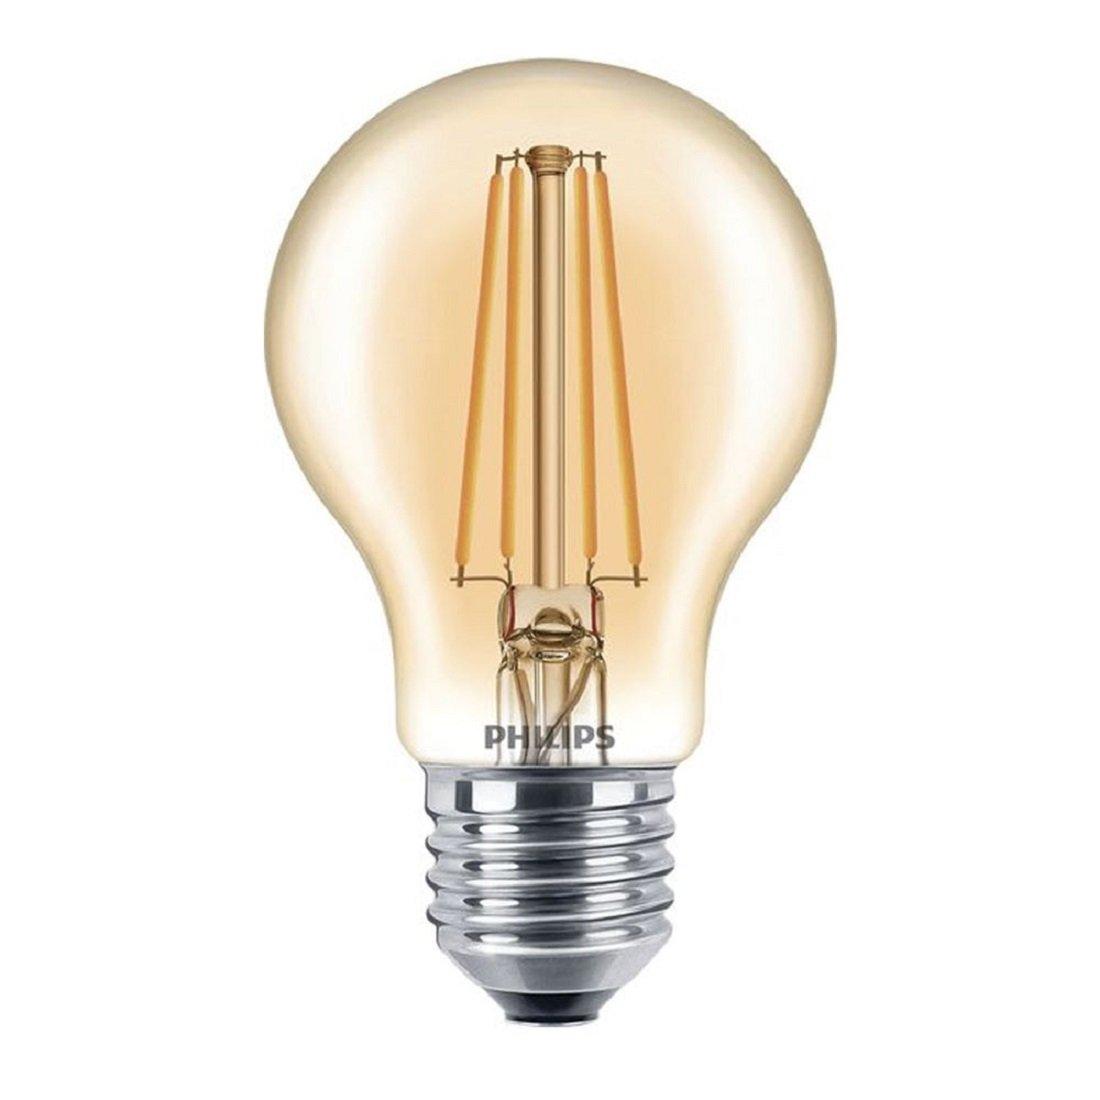 Philips LED E27 A60 7.5W 820 Goud Dimbaar